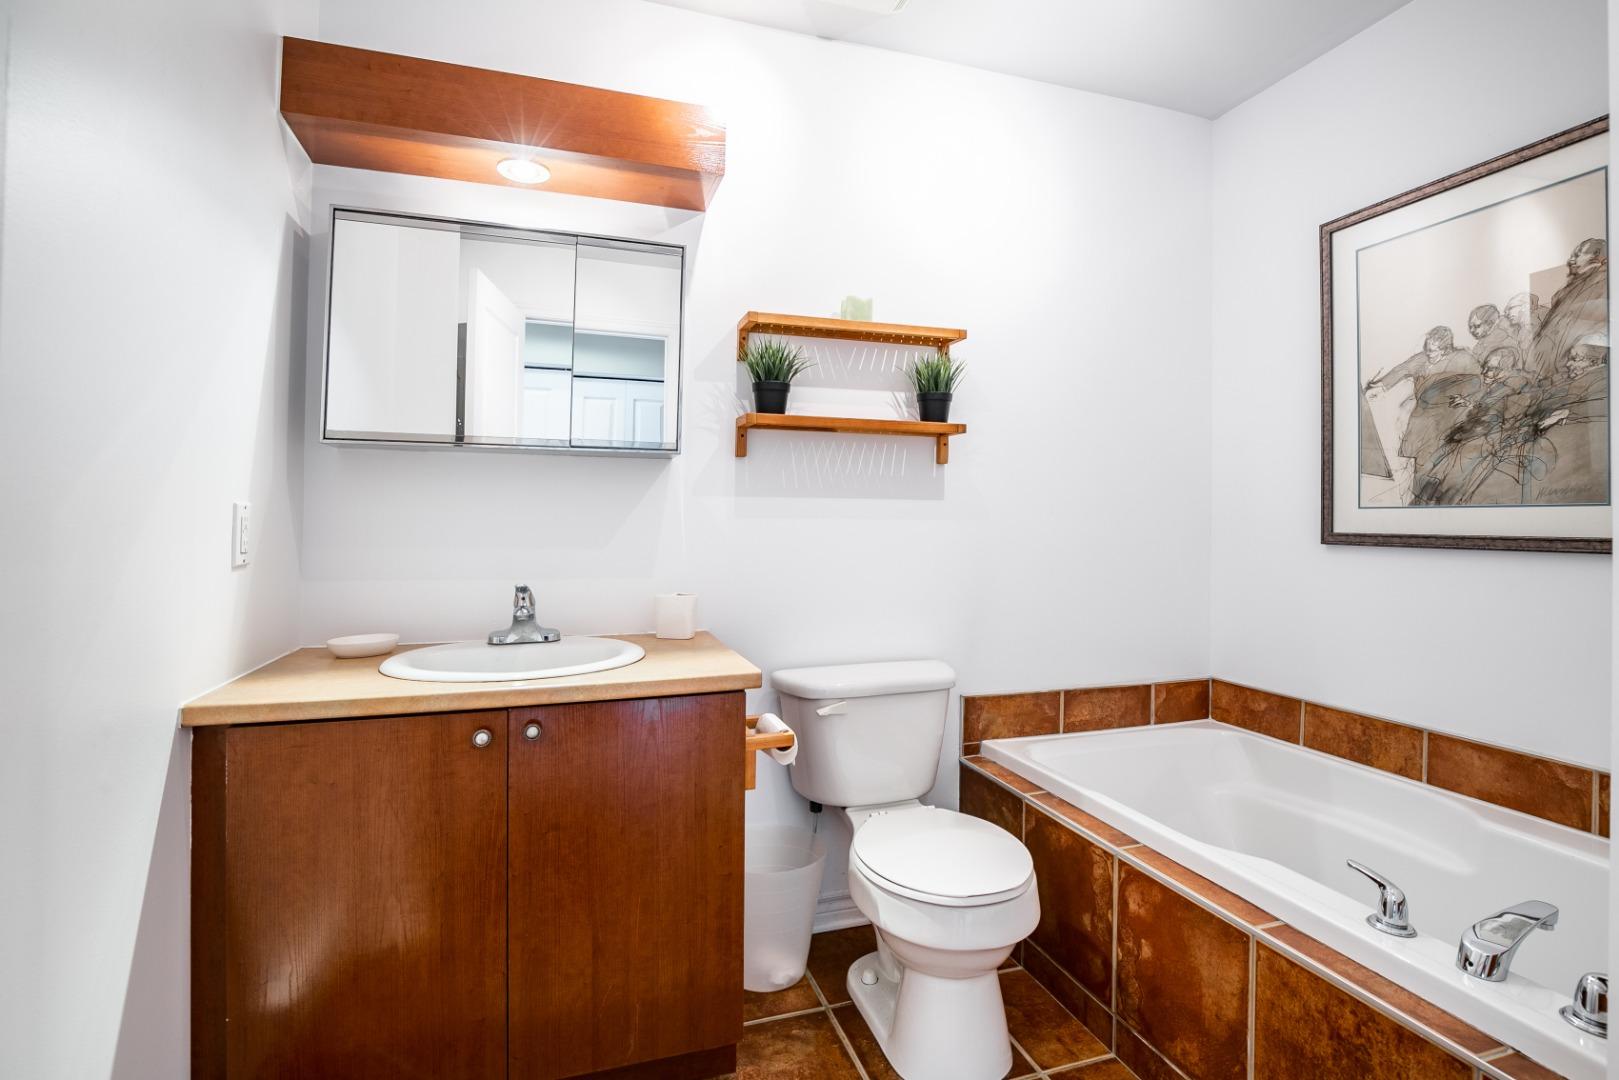 condo a vendre rosemont_montreal- 3860 rue masson_#3_AL-17.jpg